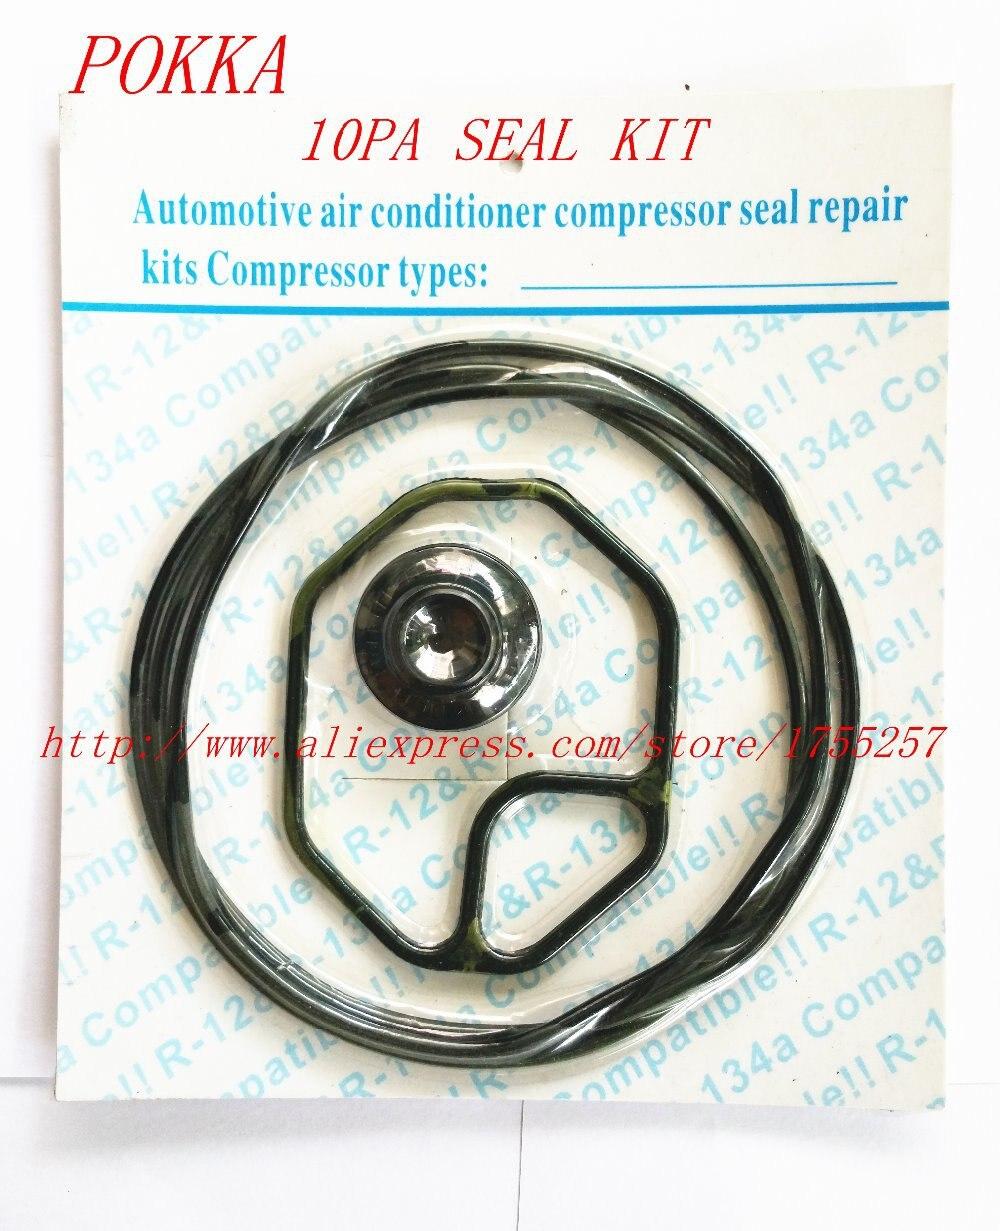 Бесплатная доставка, автомобильный компрессор для кондиционера, уплотнение для компрессора 10pa 15C 17C, резиновое уплотнительное кольцо